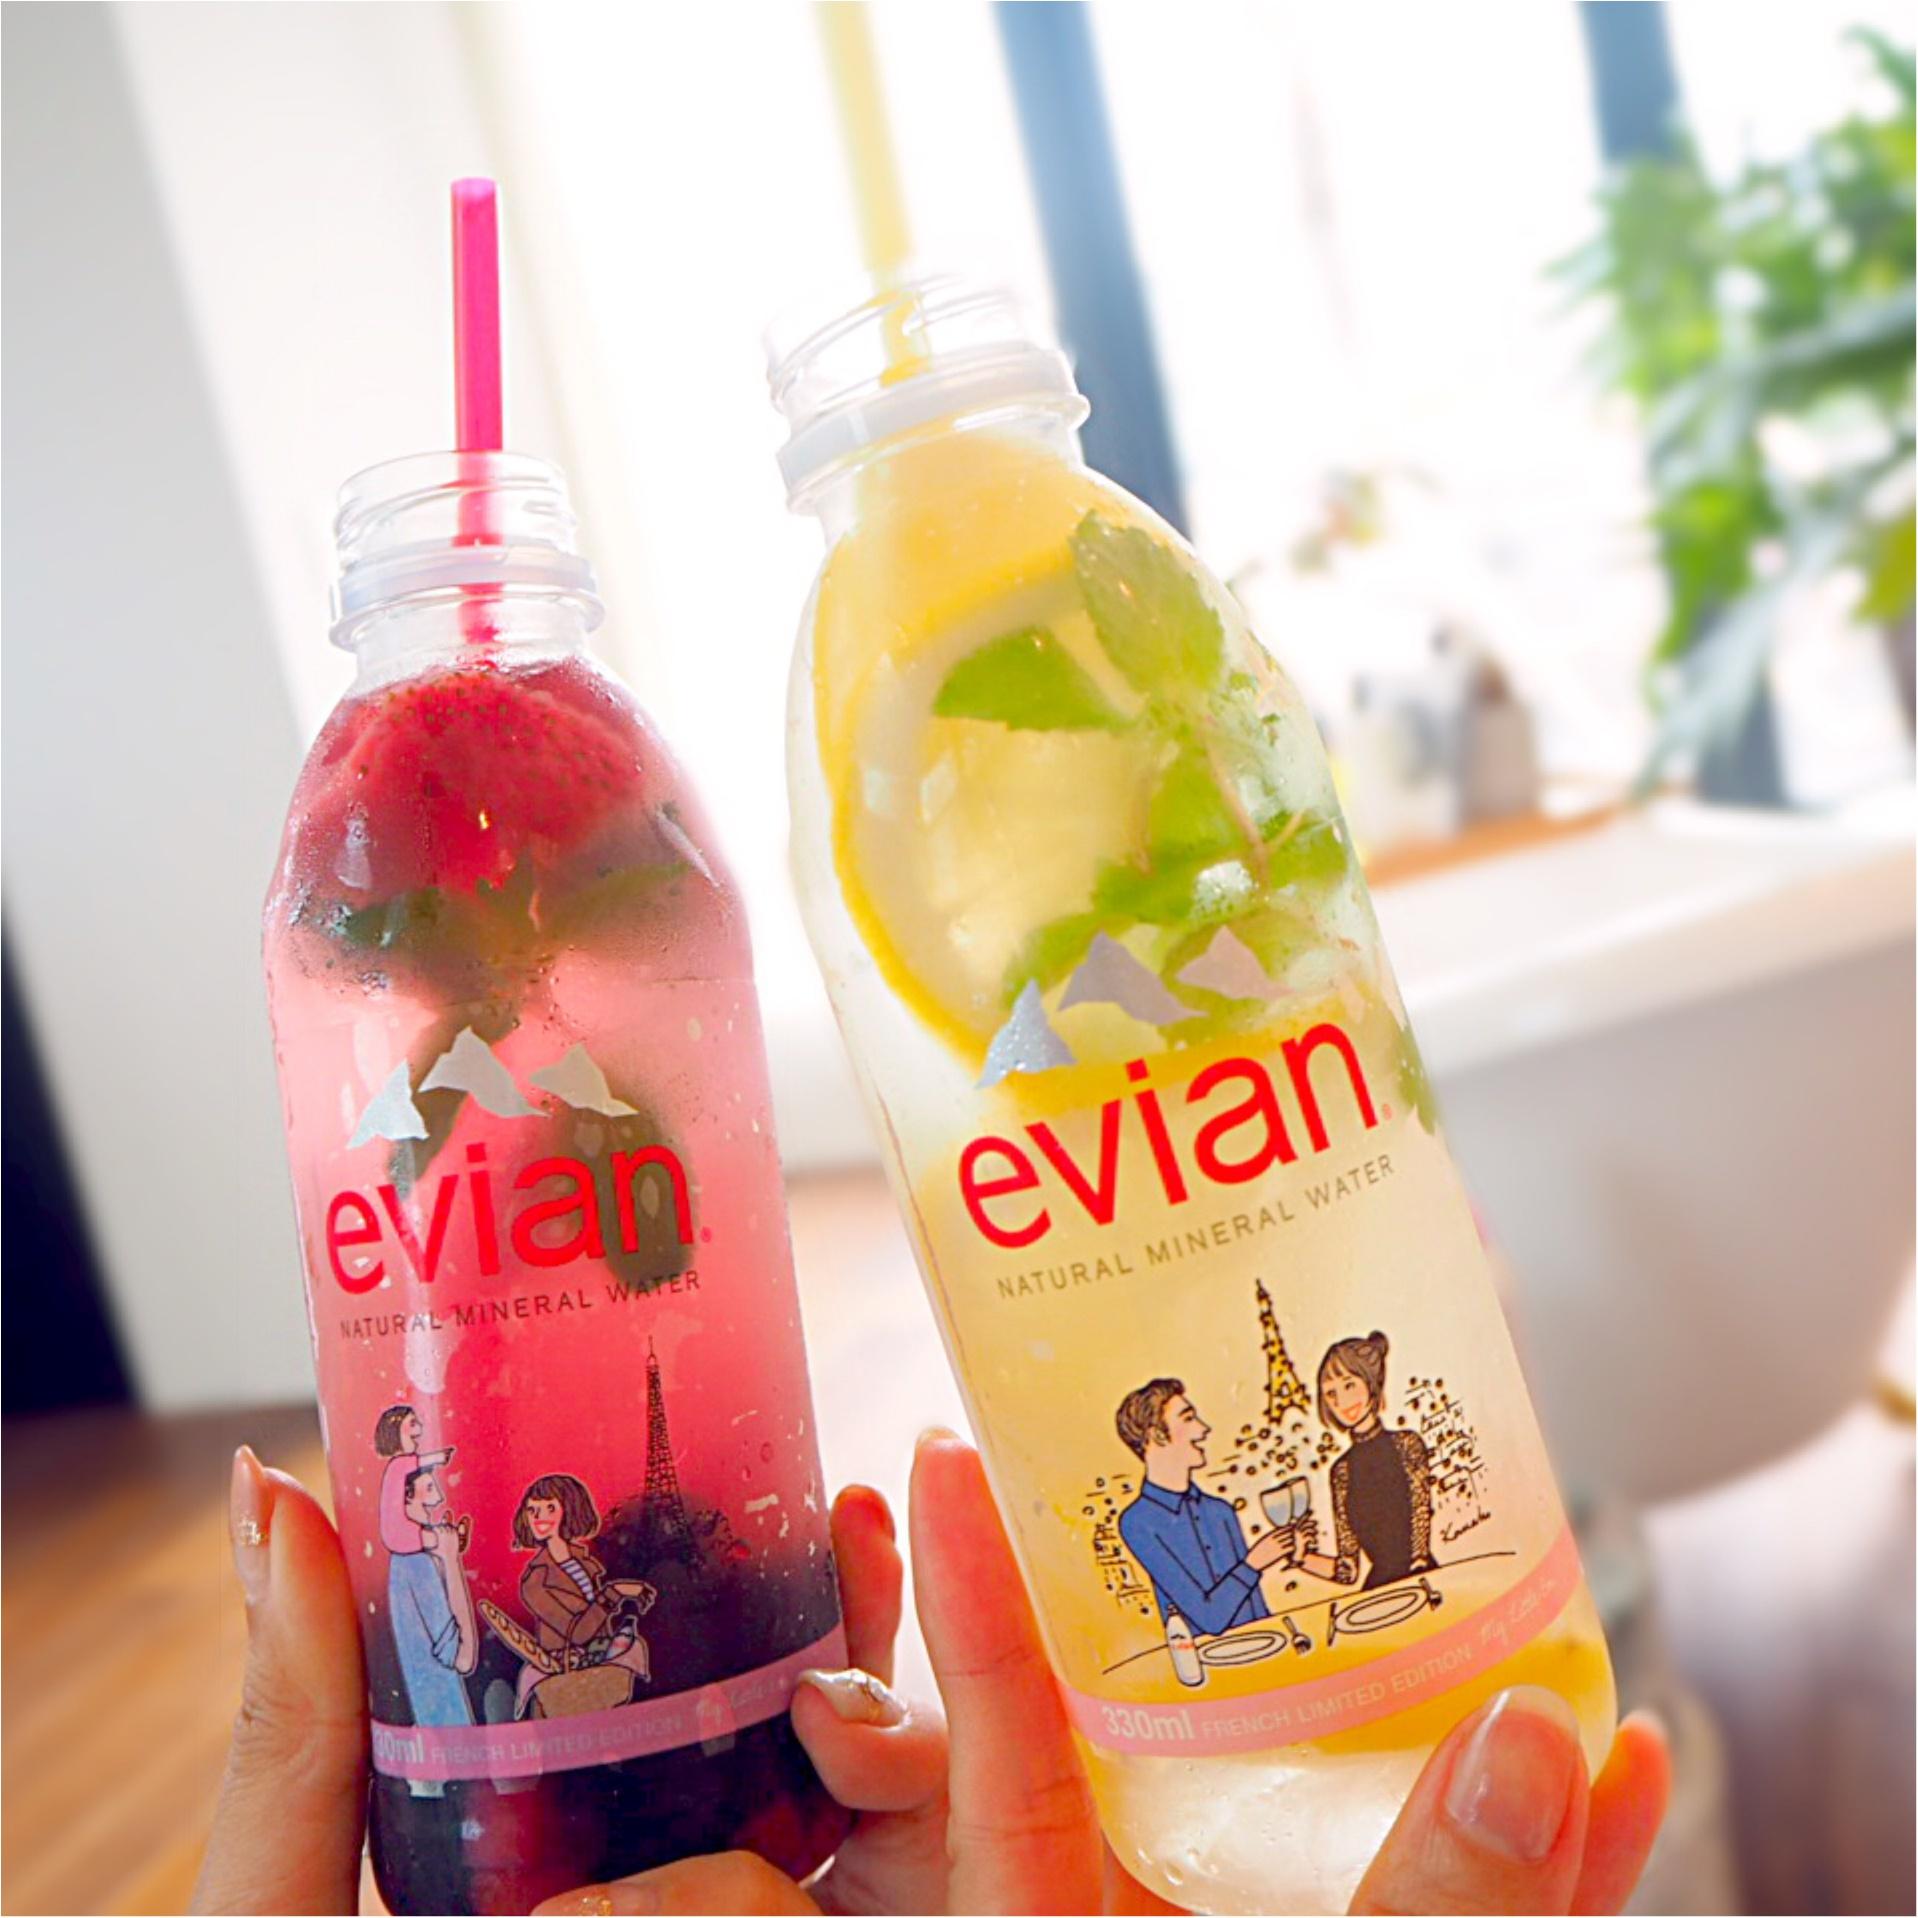 【evian & My Little Box】コラボイベントへ行ってきました♡_2